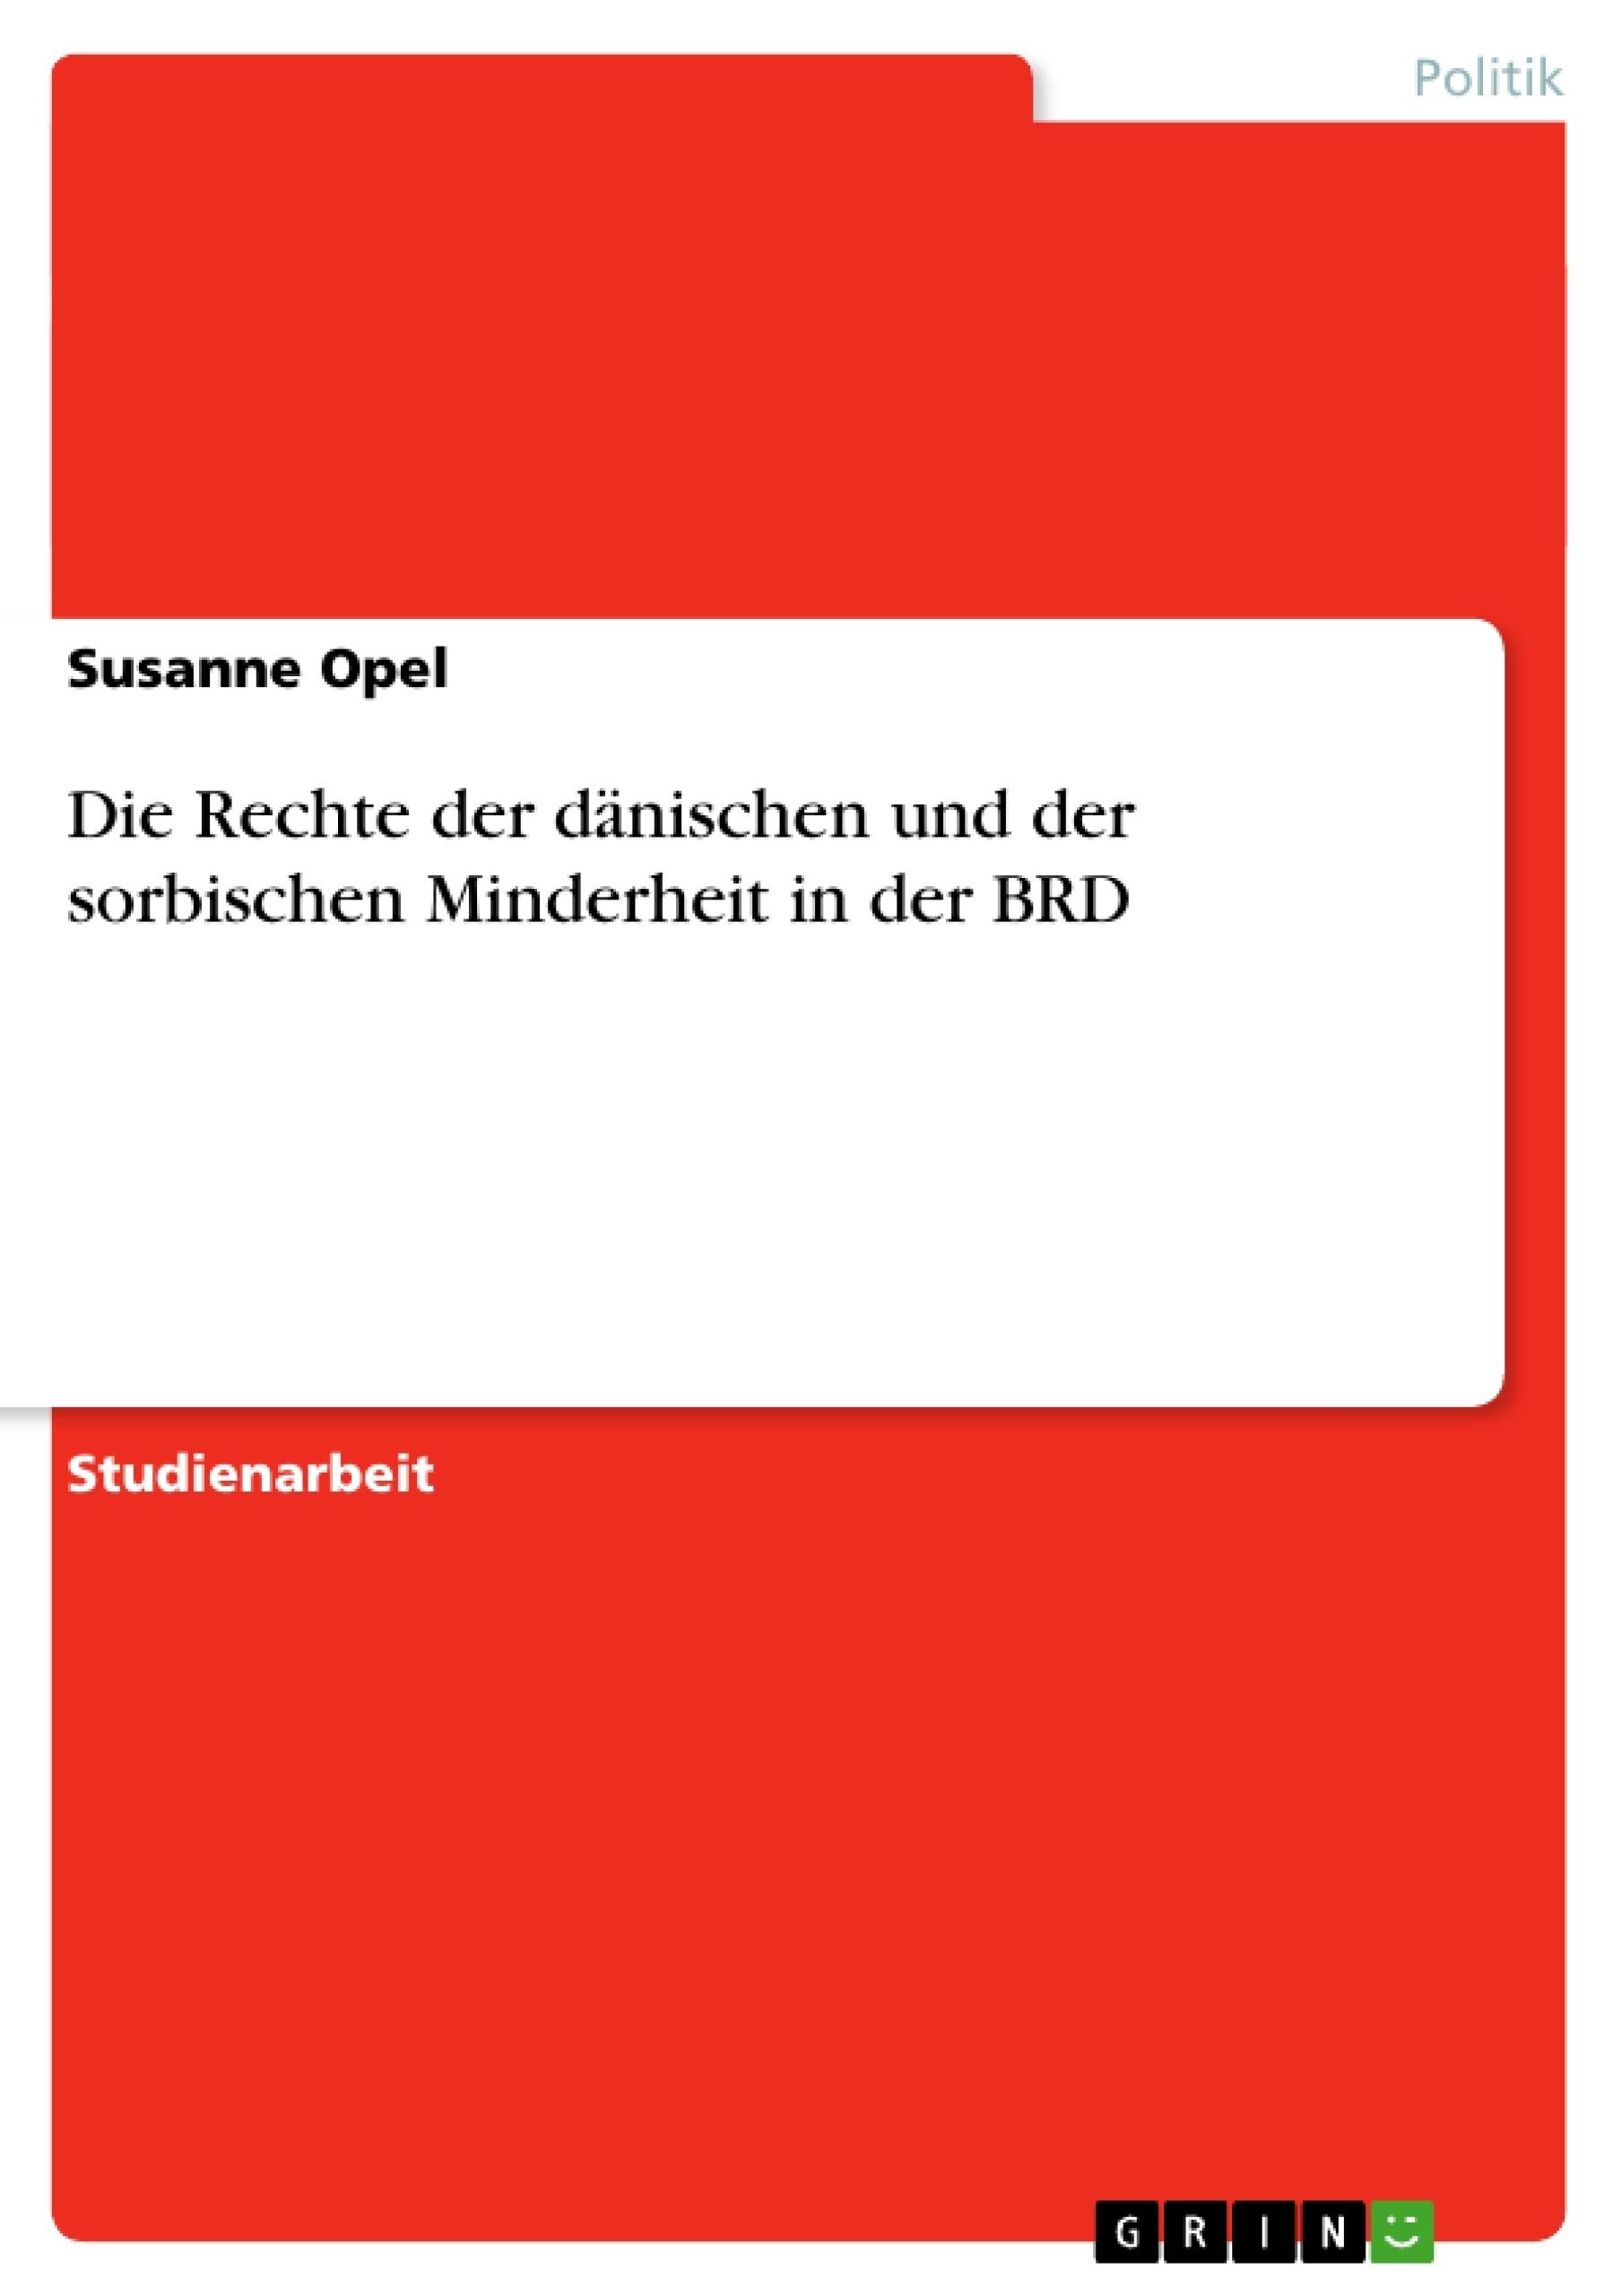 Titel: Die Rechte der dänischen und der sorbischen Minderheit in der BRD